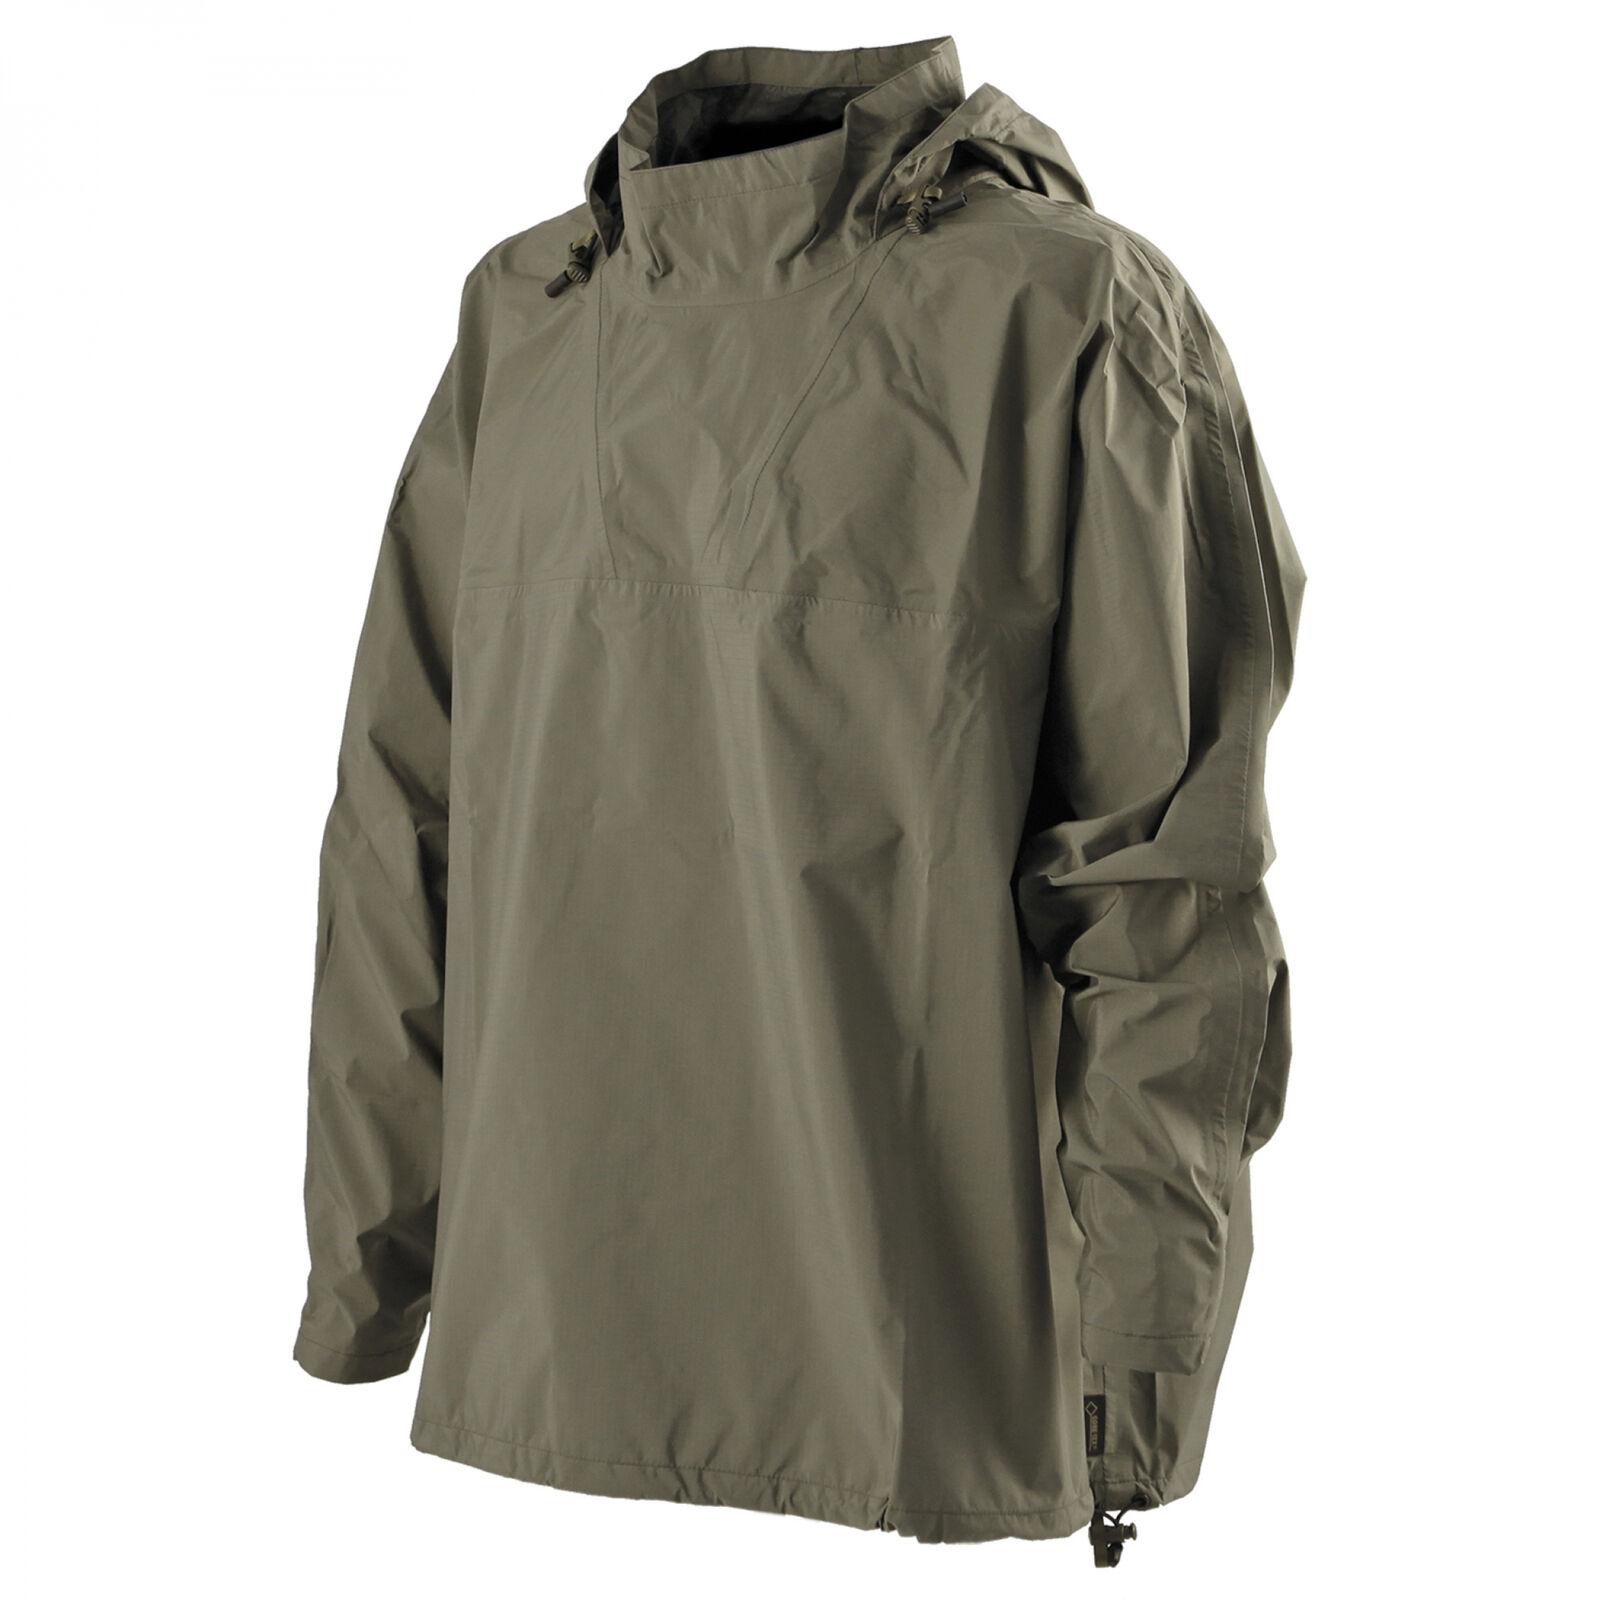 Cocheintia survival rainsuite chaqueta verde oliva  lluvia chaqueta goretex  tienda hace compras y ventas